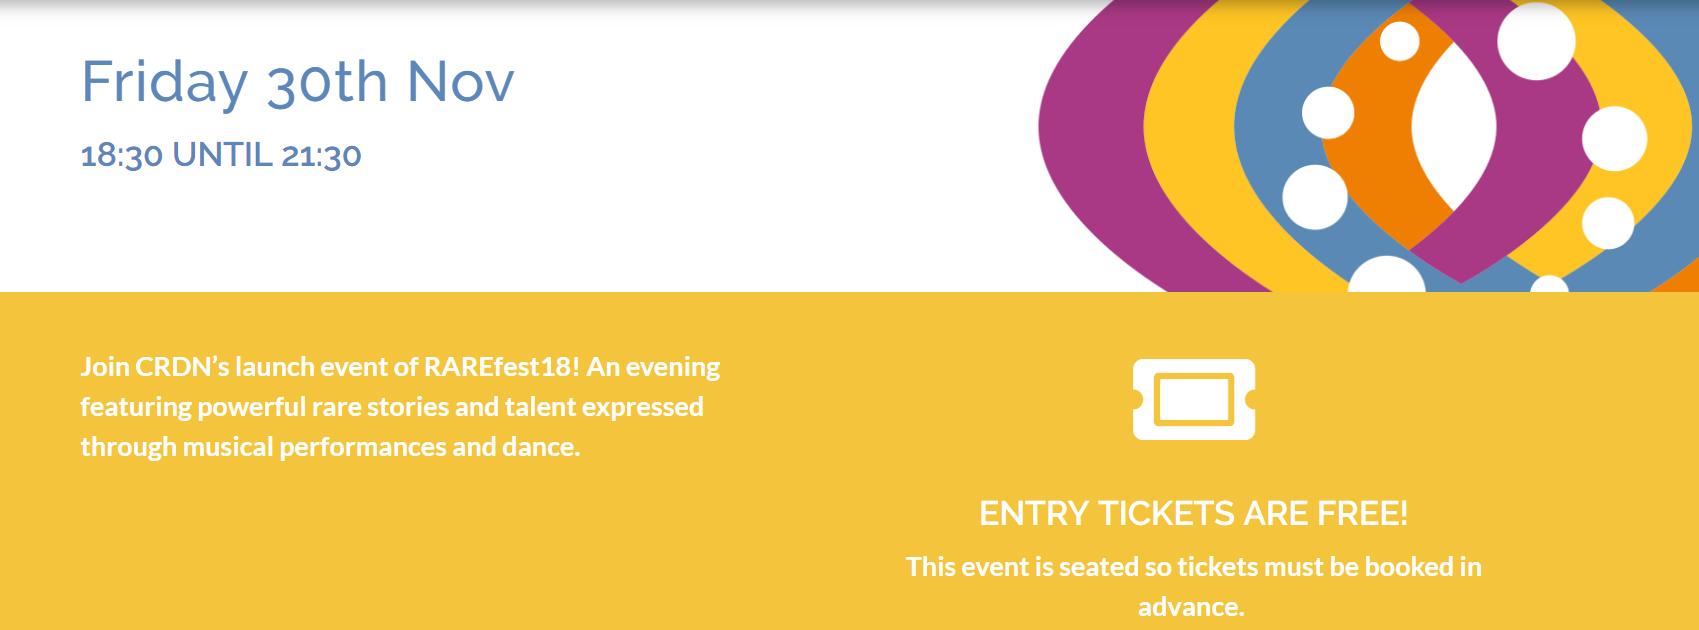 RAREfest Friday 30 Nov - tickets